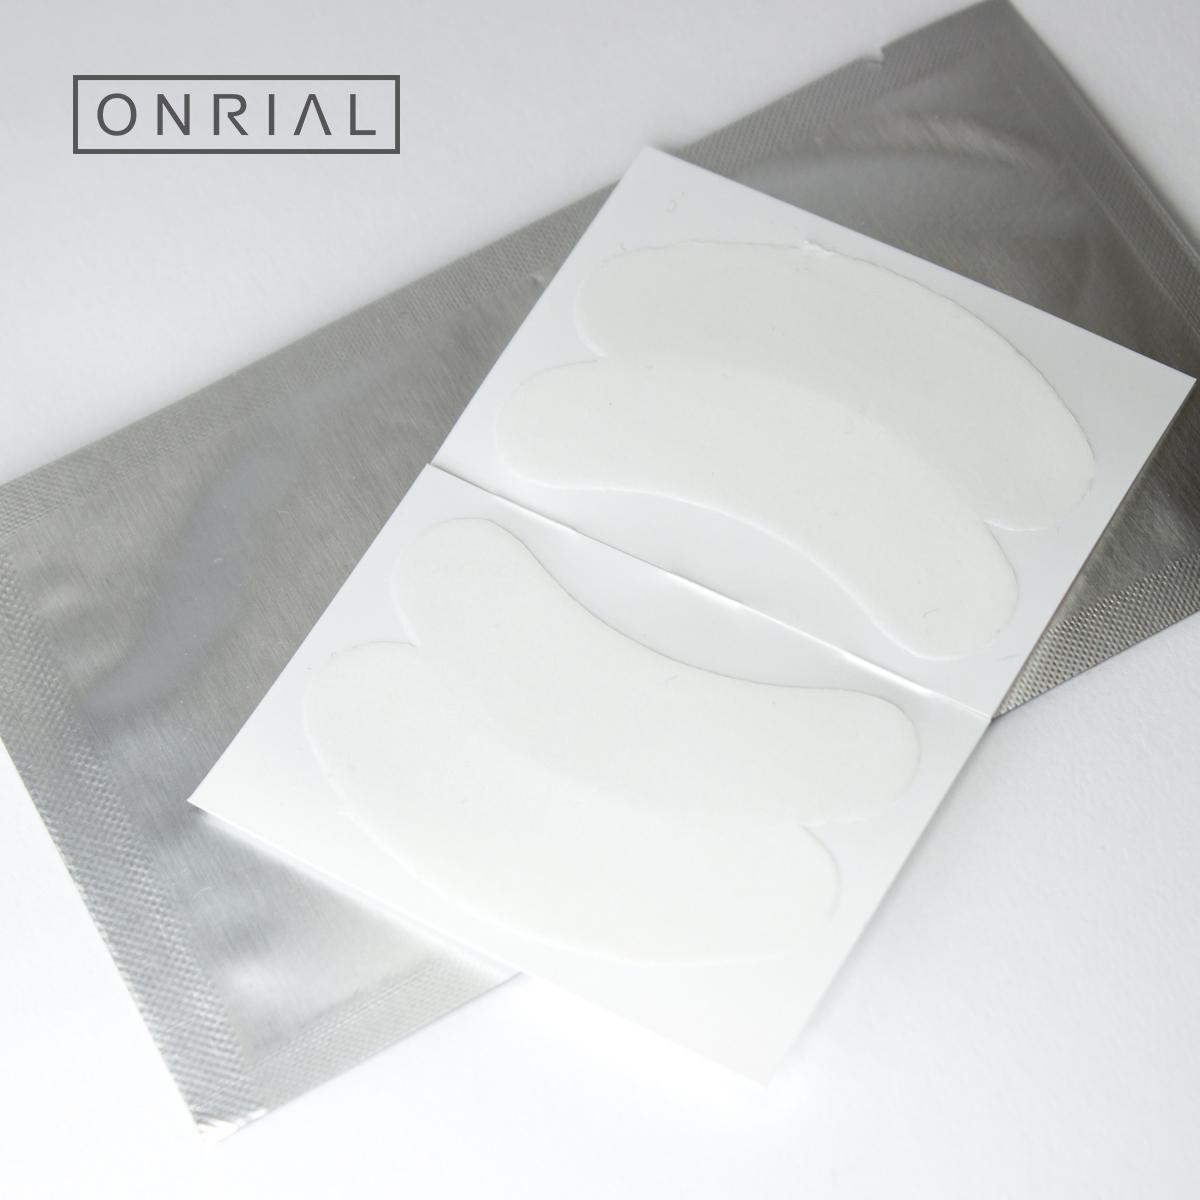 Патчи гелевые ультратонкие (2шт. в упаковке)